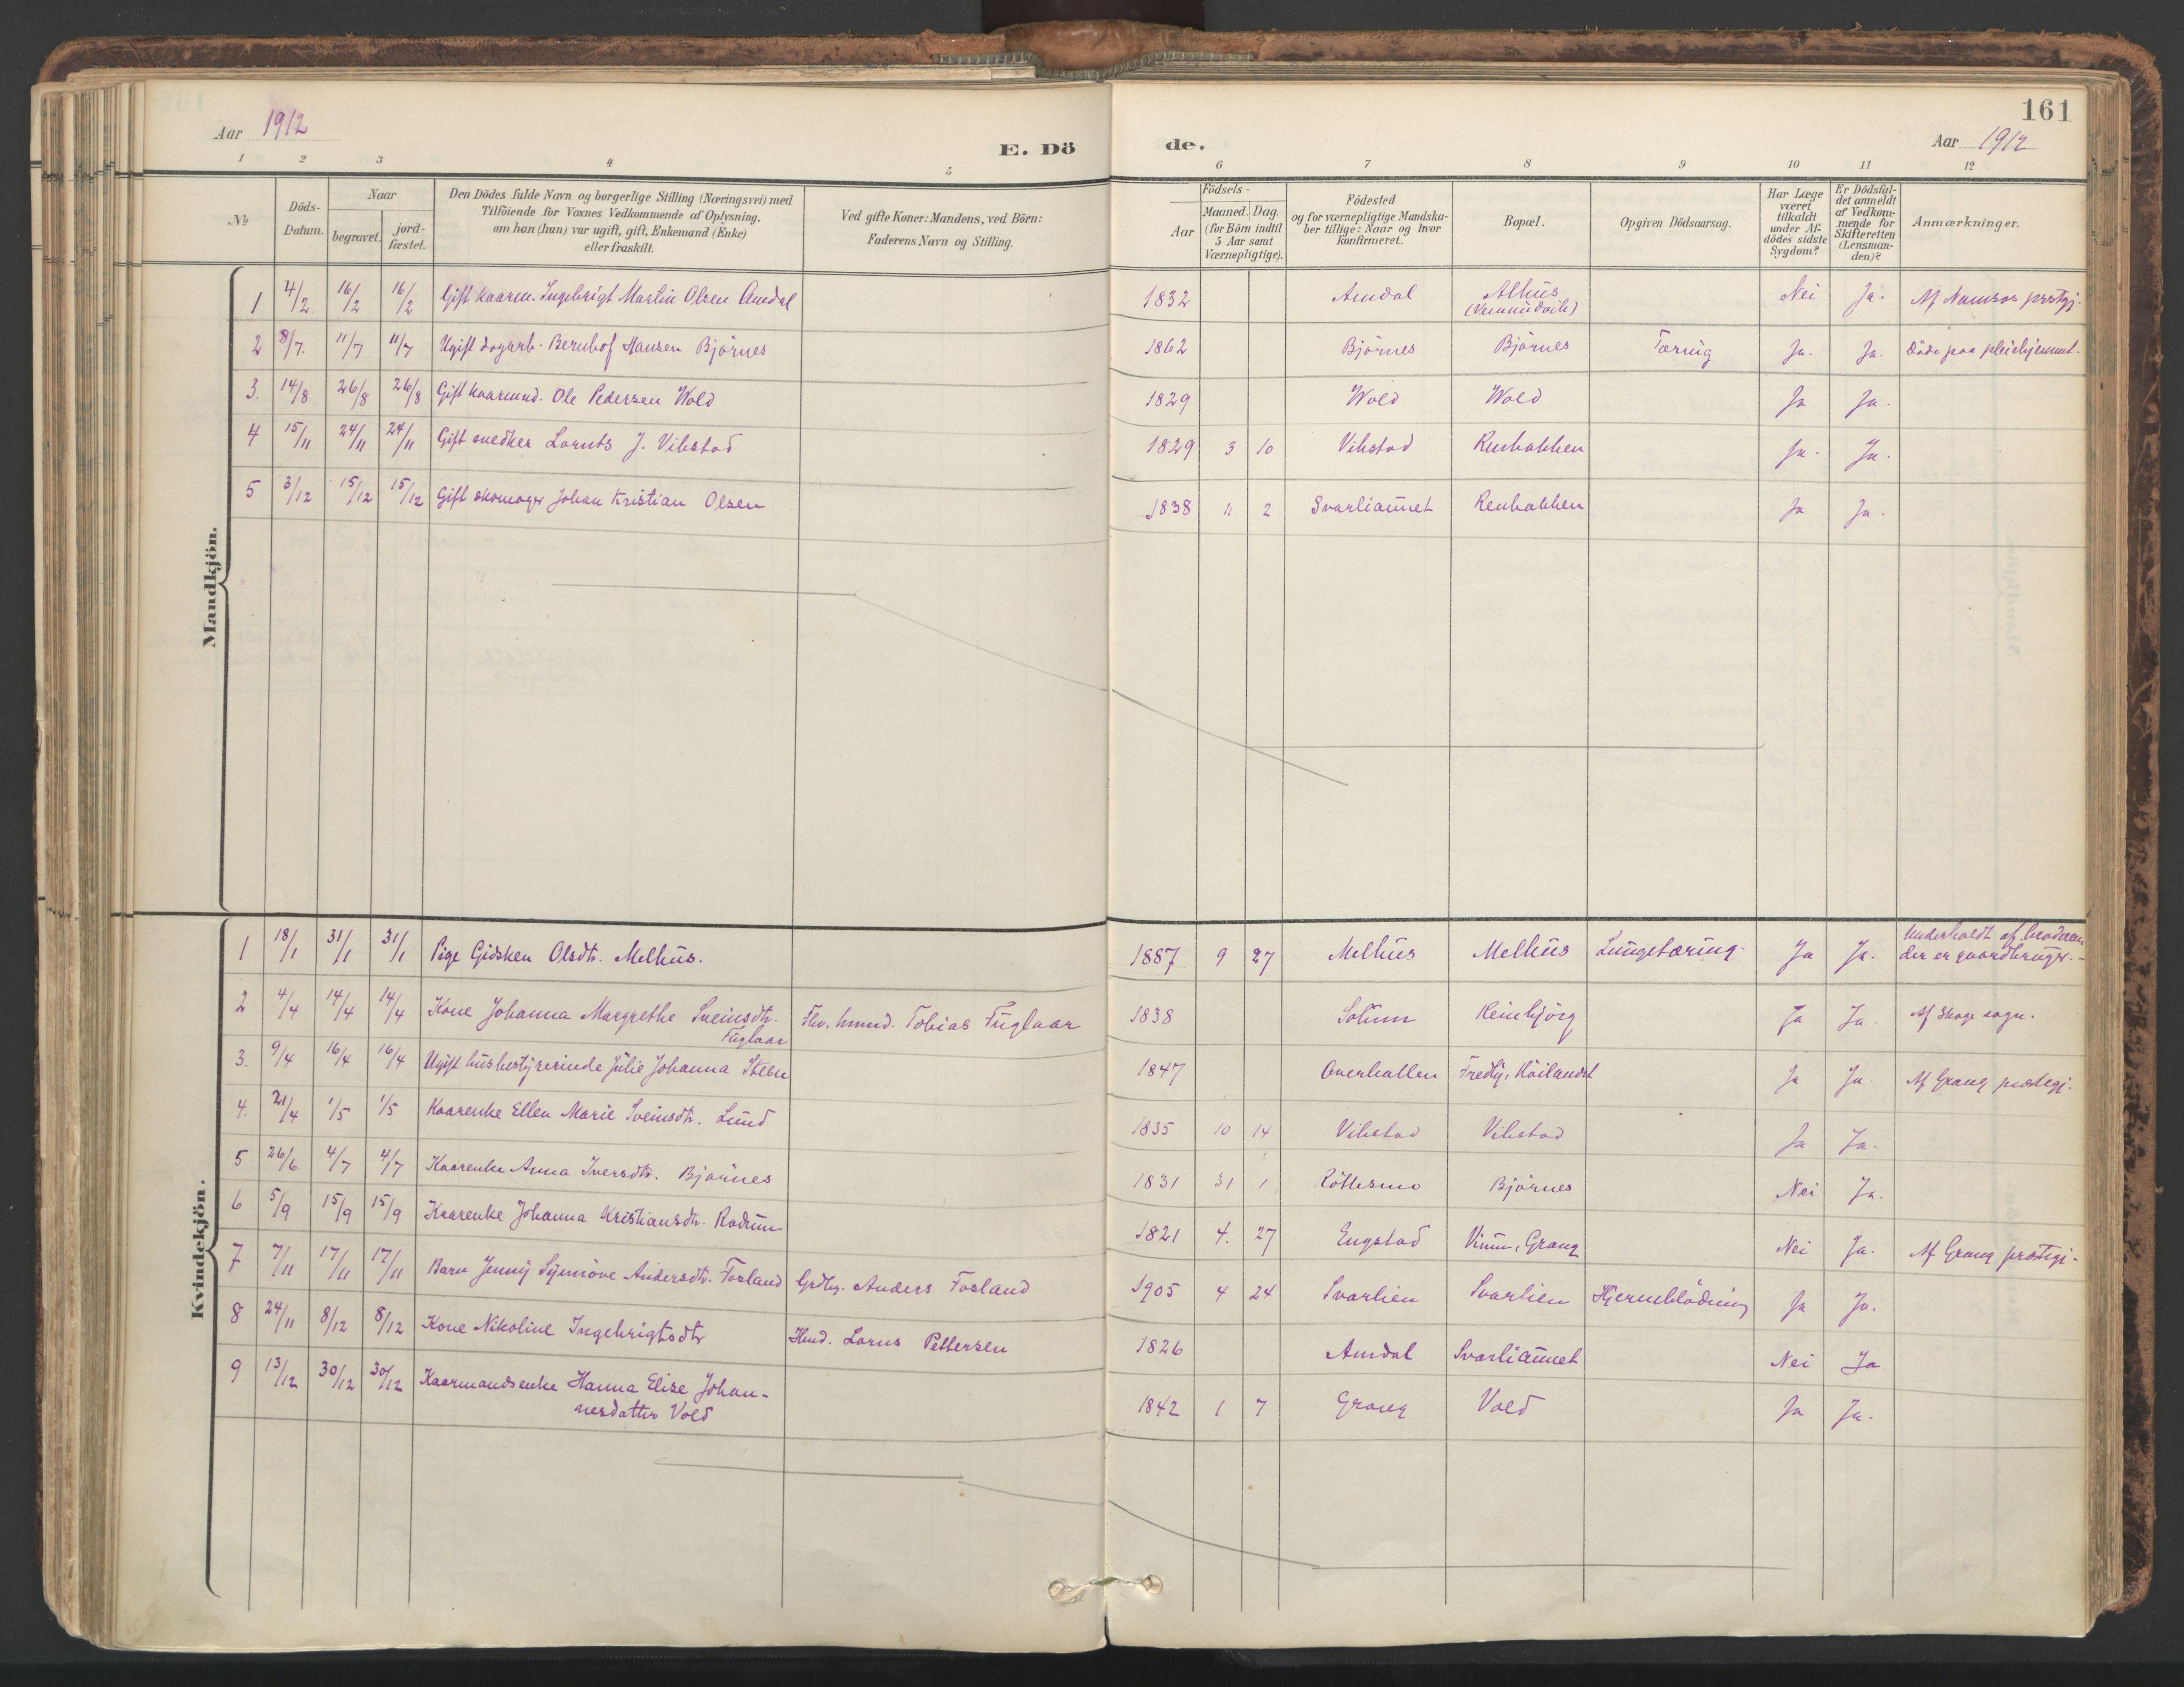 SAT, Ministerialprotokoller, klokkerbøker og fødselsregistre - Nord-Trøndelag, 764/L0556: Ministerialbok nr. 764A11, 1897-1924, s. 161